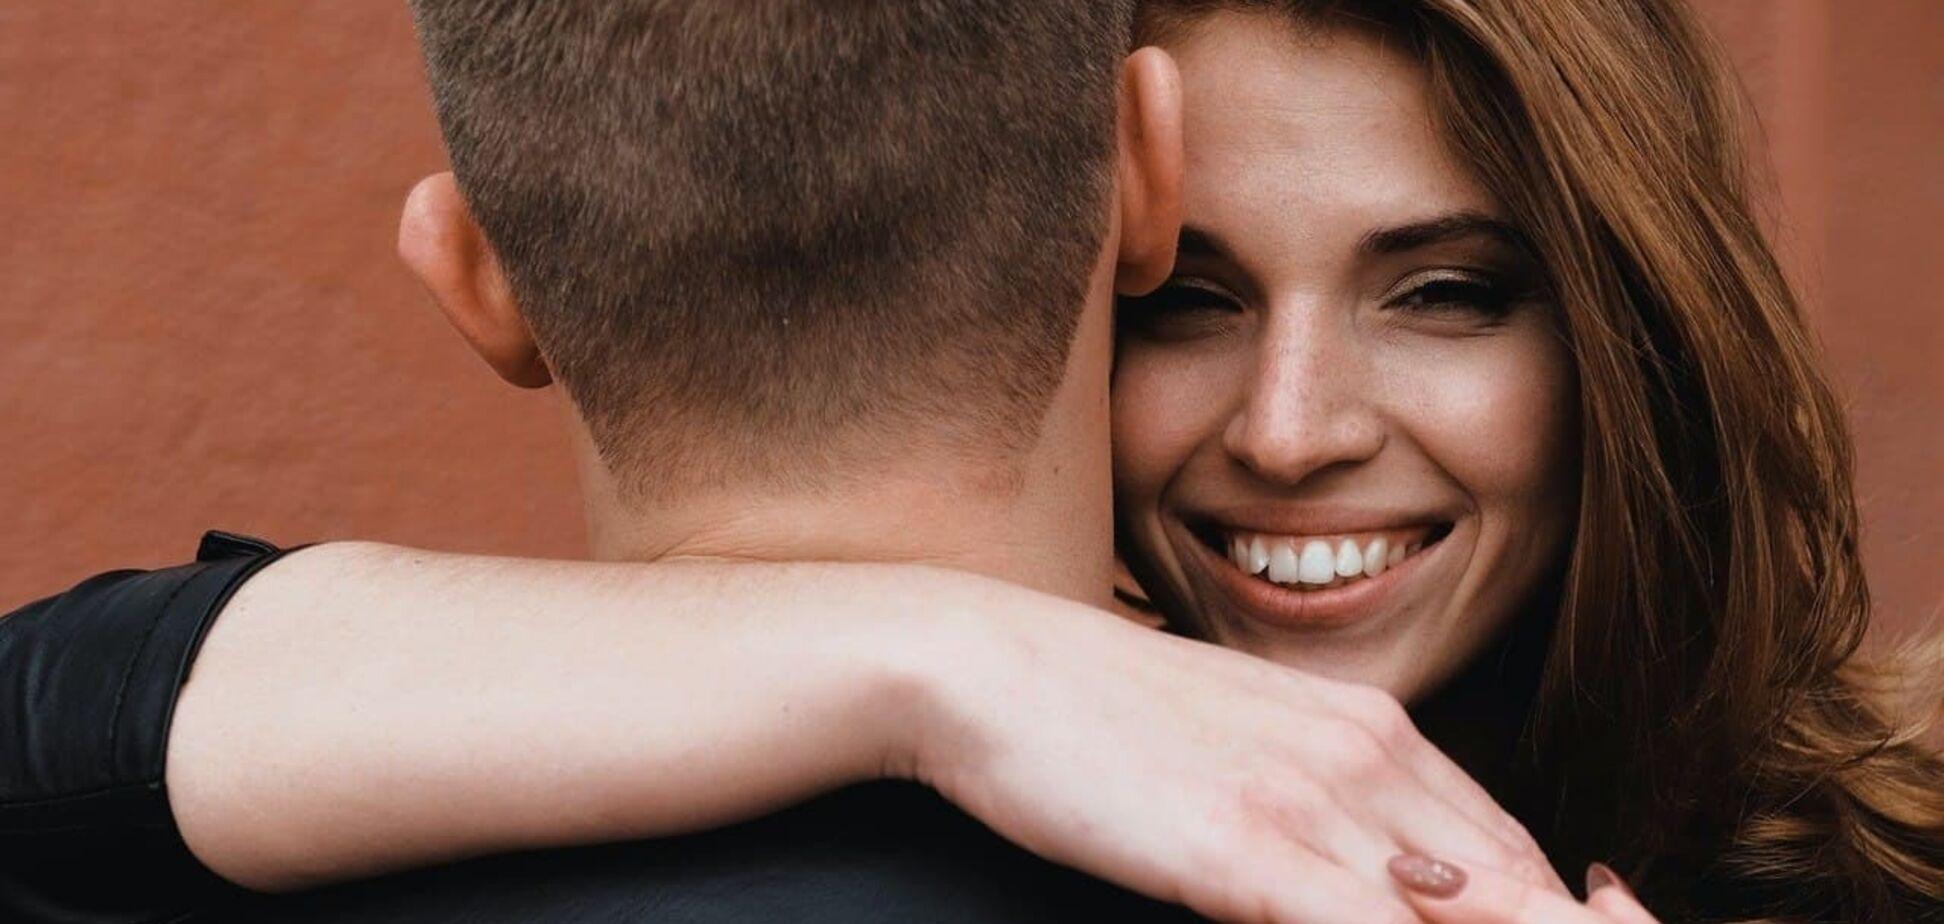 Браки, которые начались со знакомства в Интернете, оказались крепче